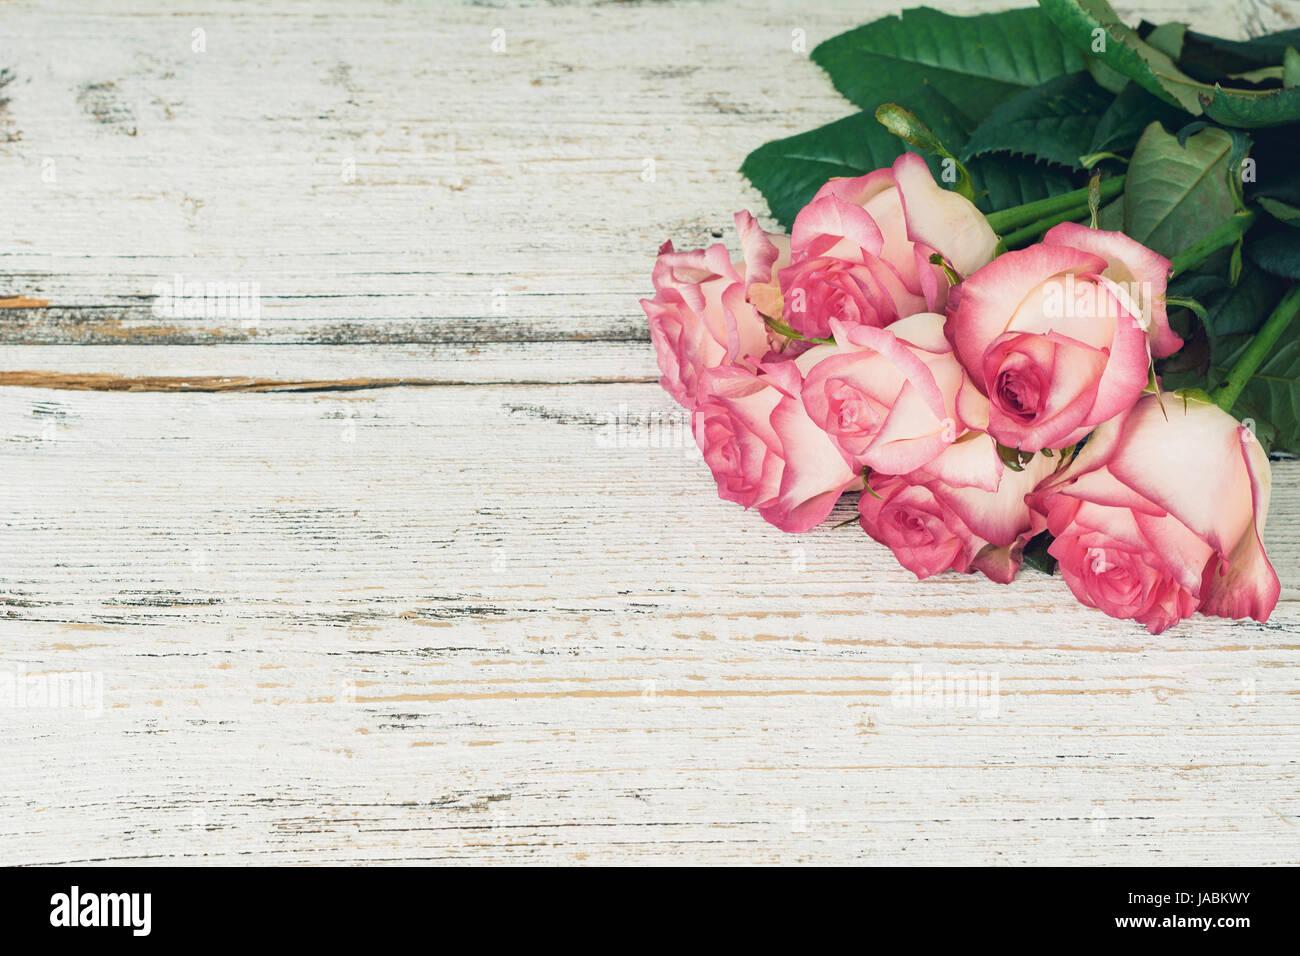 Rosa Rosen Rosa Blumen Auf Vintage Holz Hintergrund Und Raum Zu